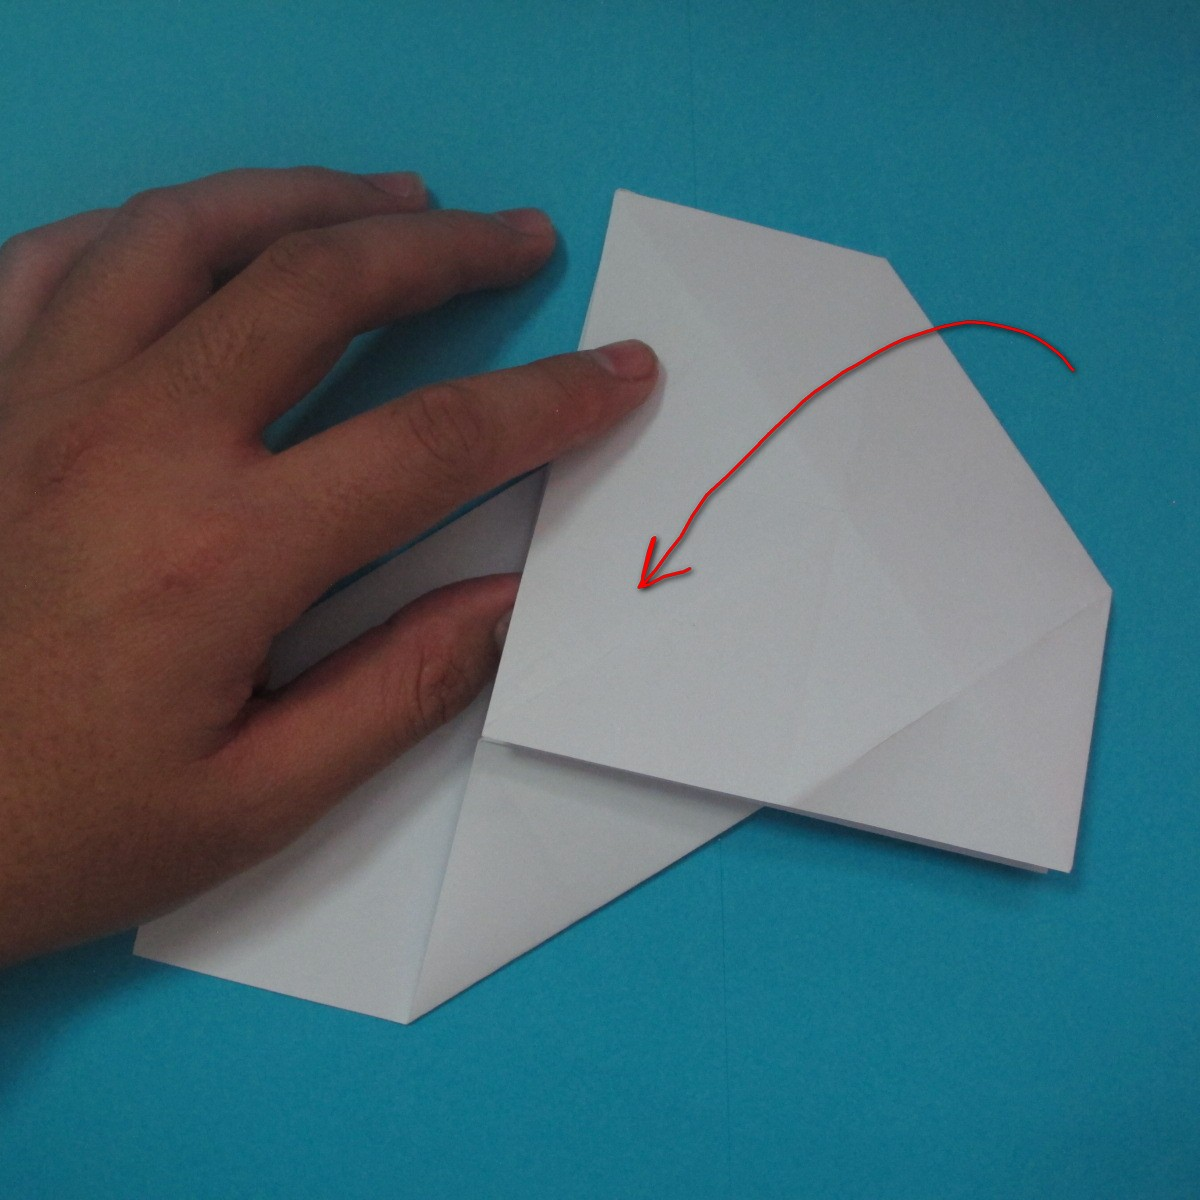 วิธีการพับกระดาษเป็นนกเพนกวิ้น 011